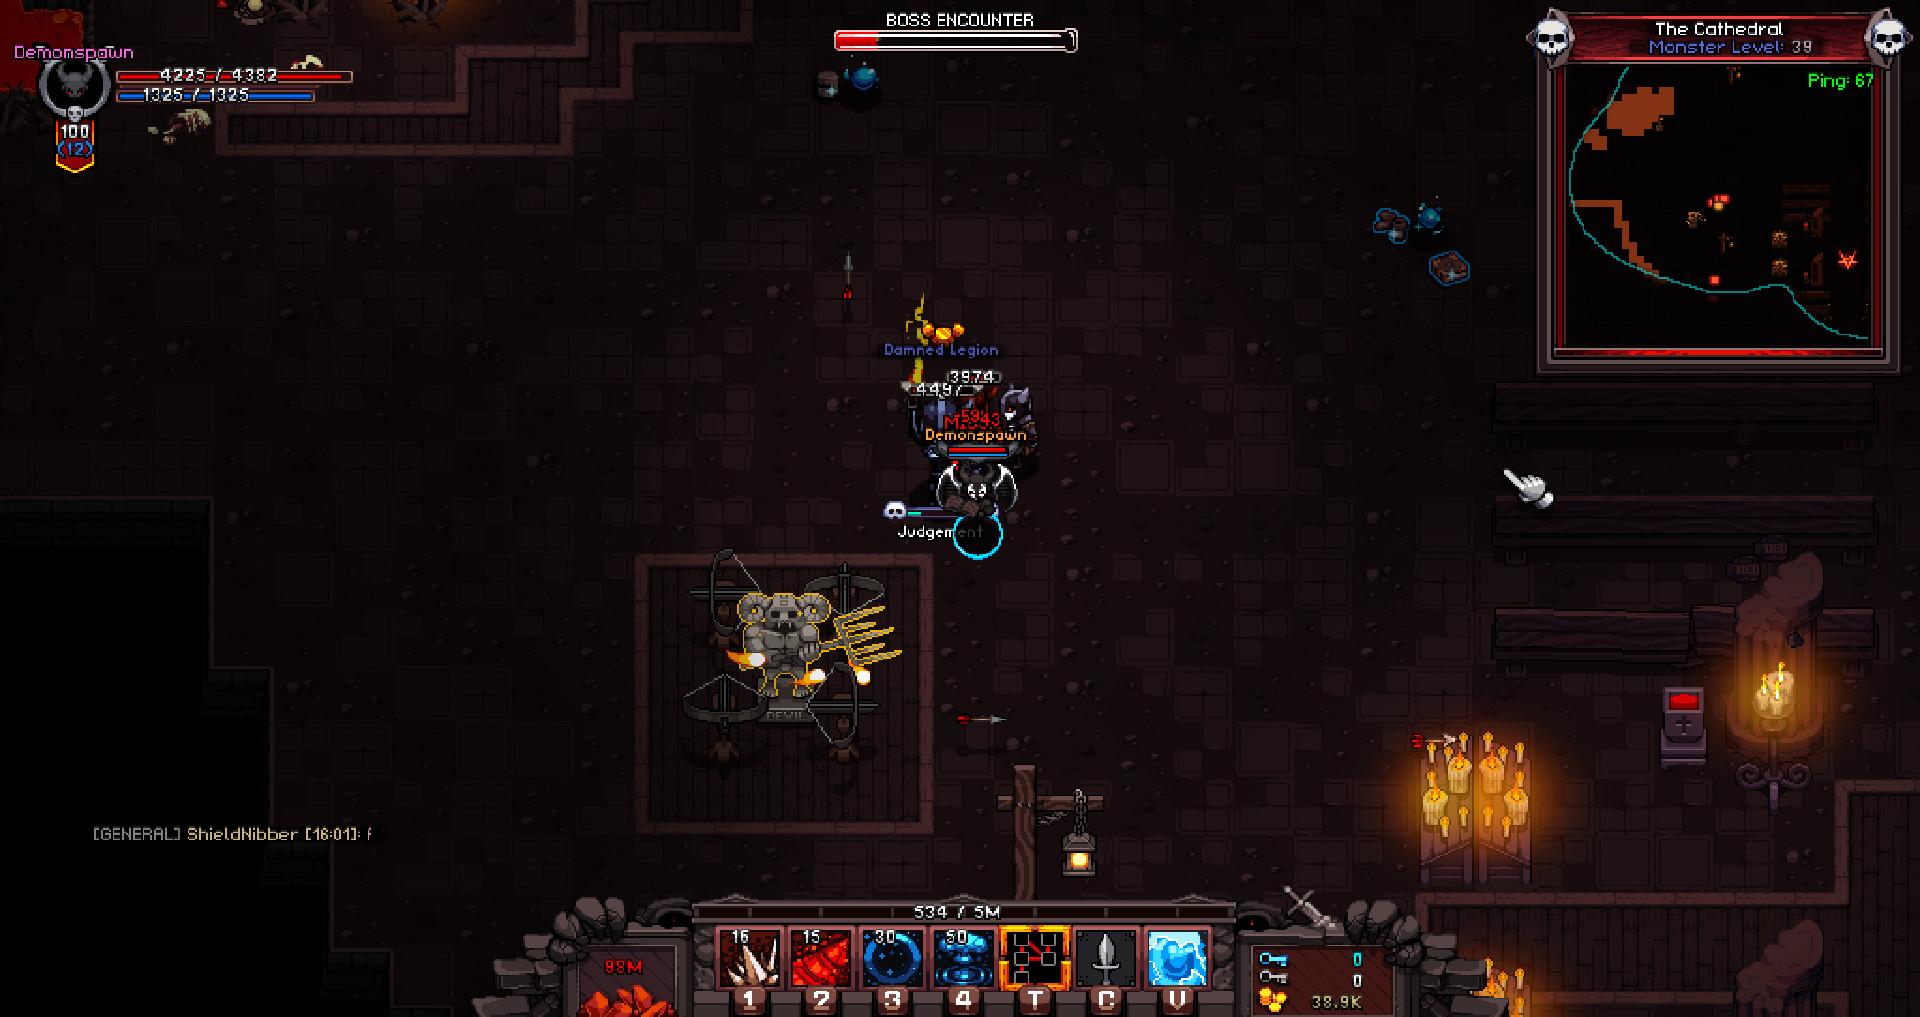 Hero siege - wrath of mevius crackers